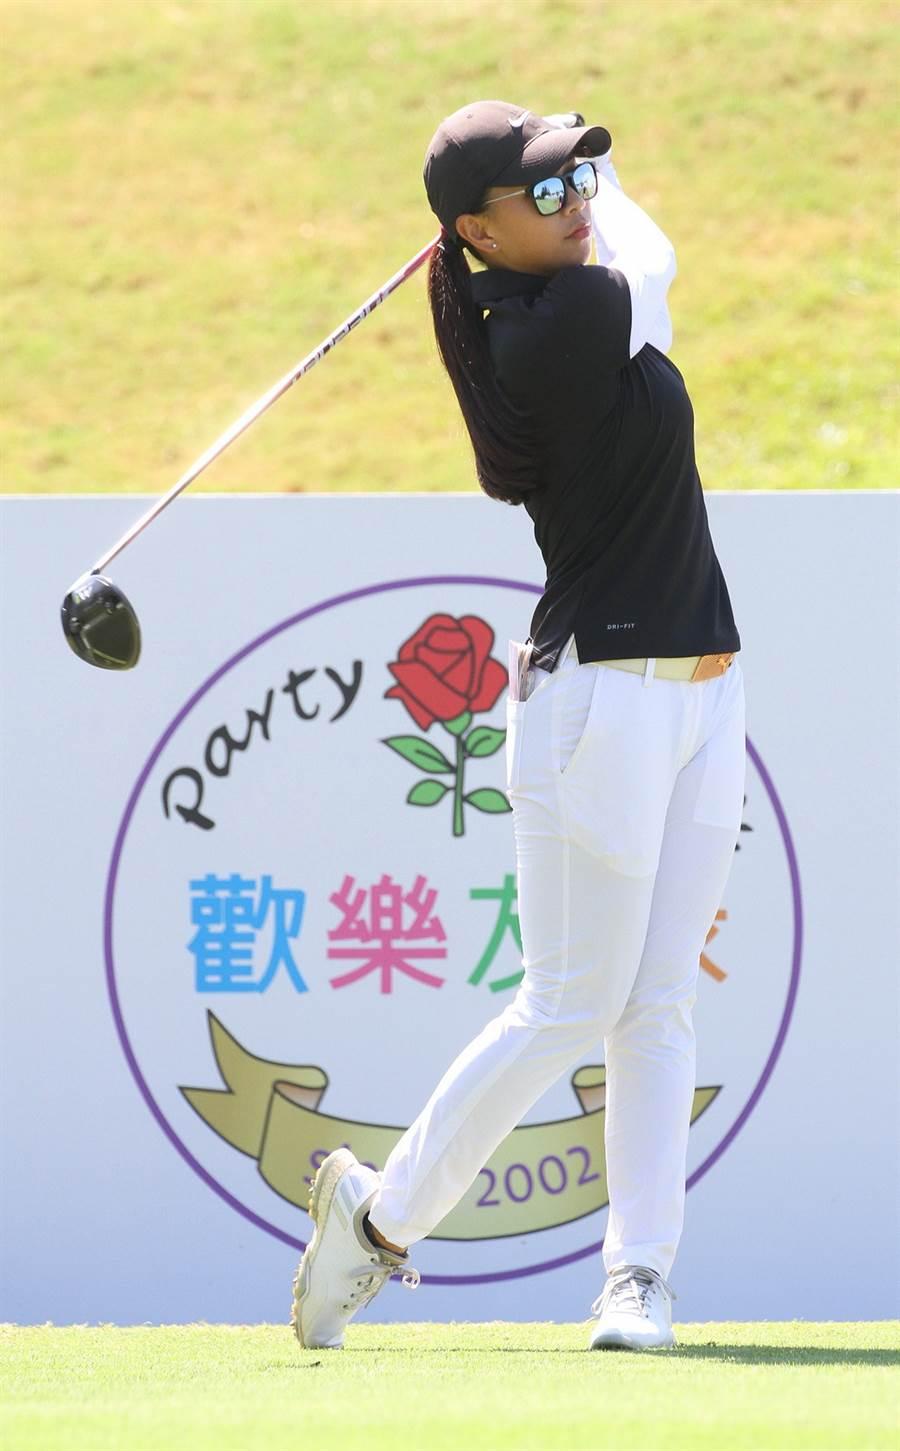 2019歡樂友緣女子公開賽第一回合台灣選手吳曉玲67桿暫居第一。(大會提供/陳筱琳傳真)